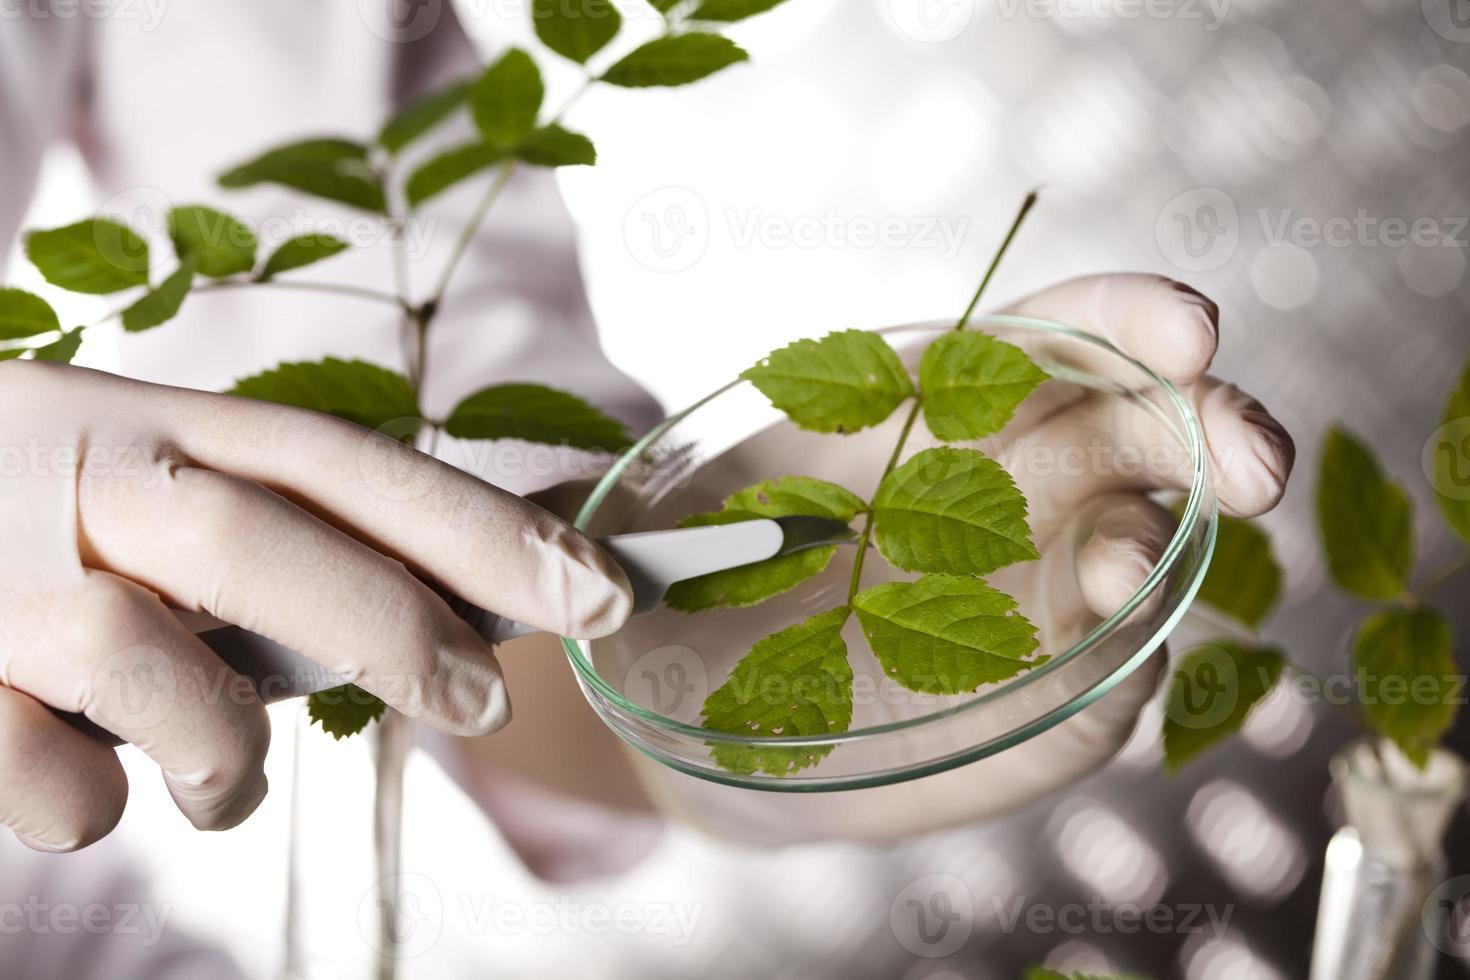 expérience scientifique avec laboratoire de plantes photo